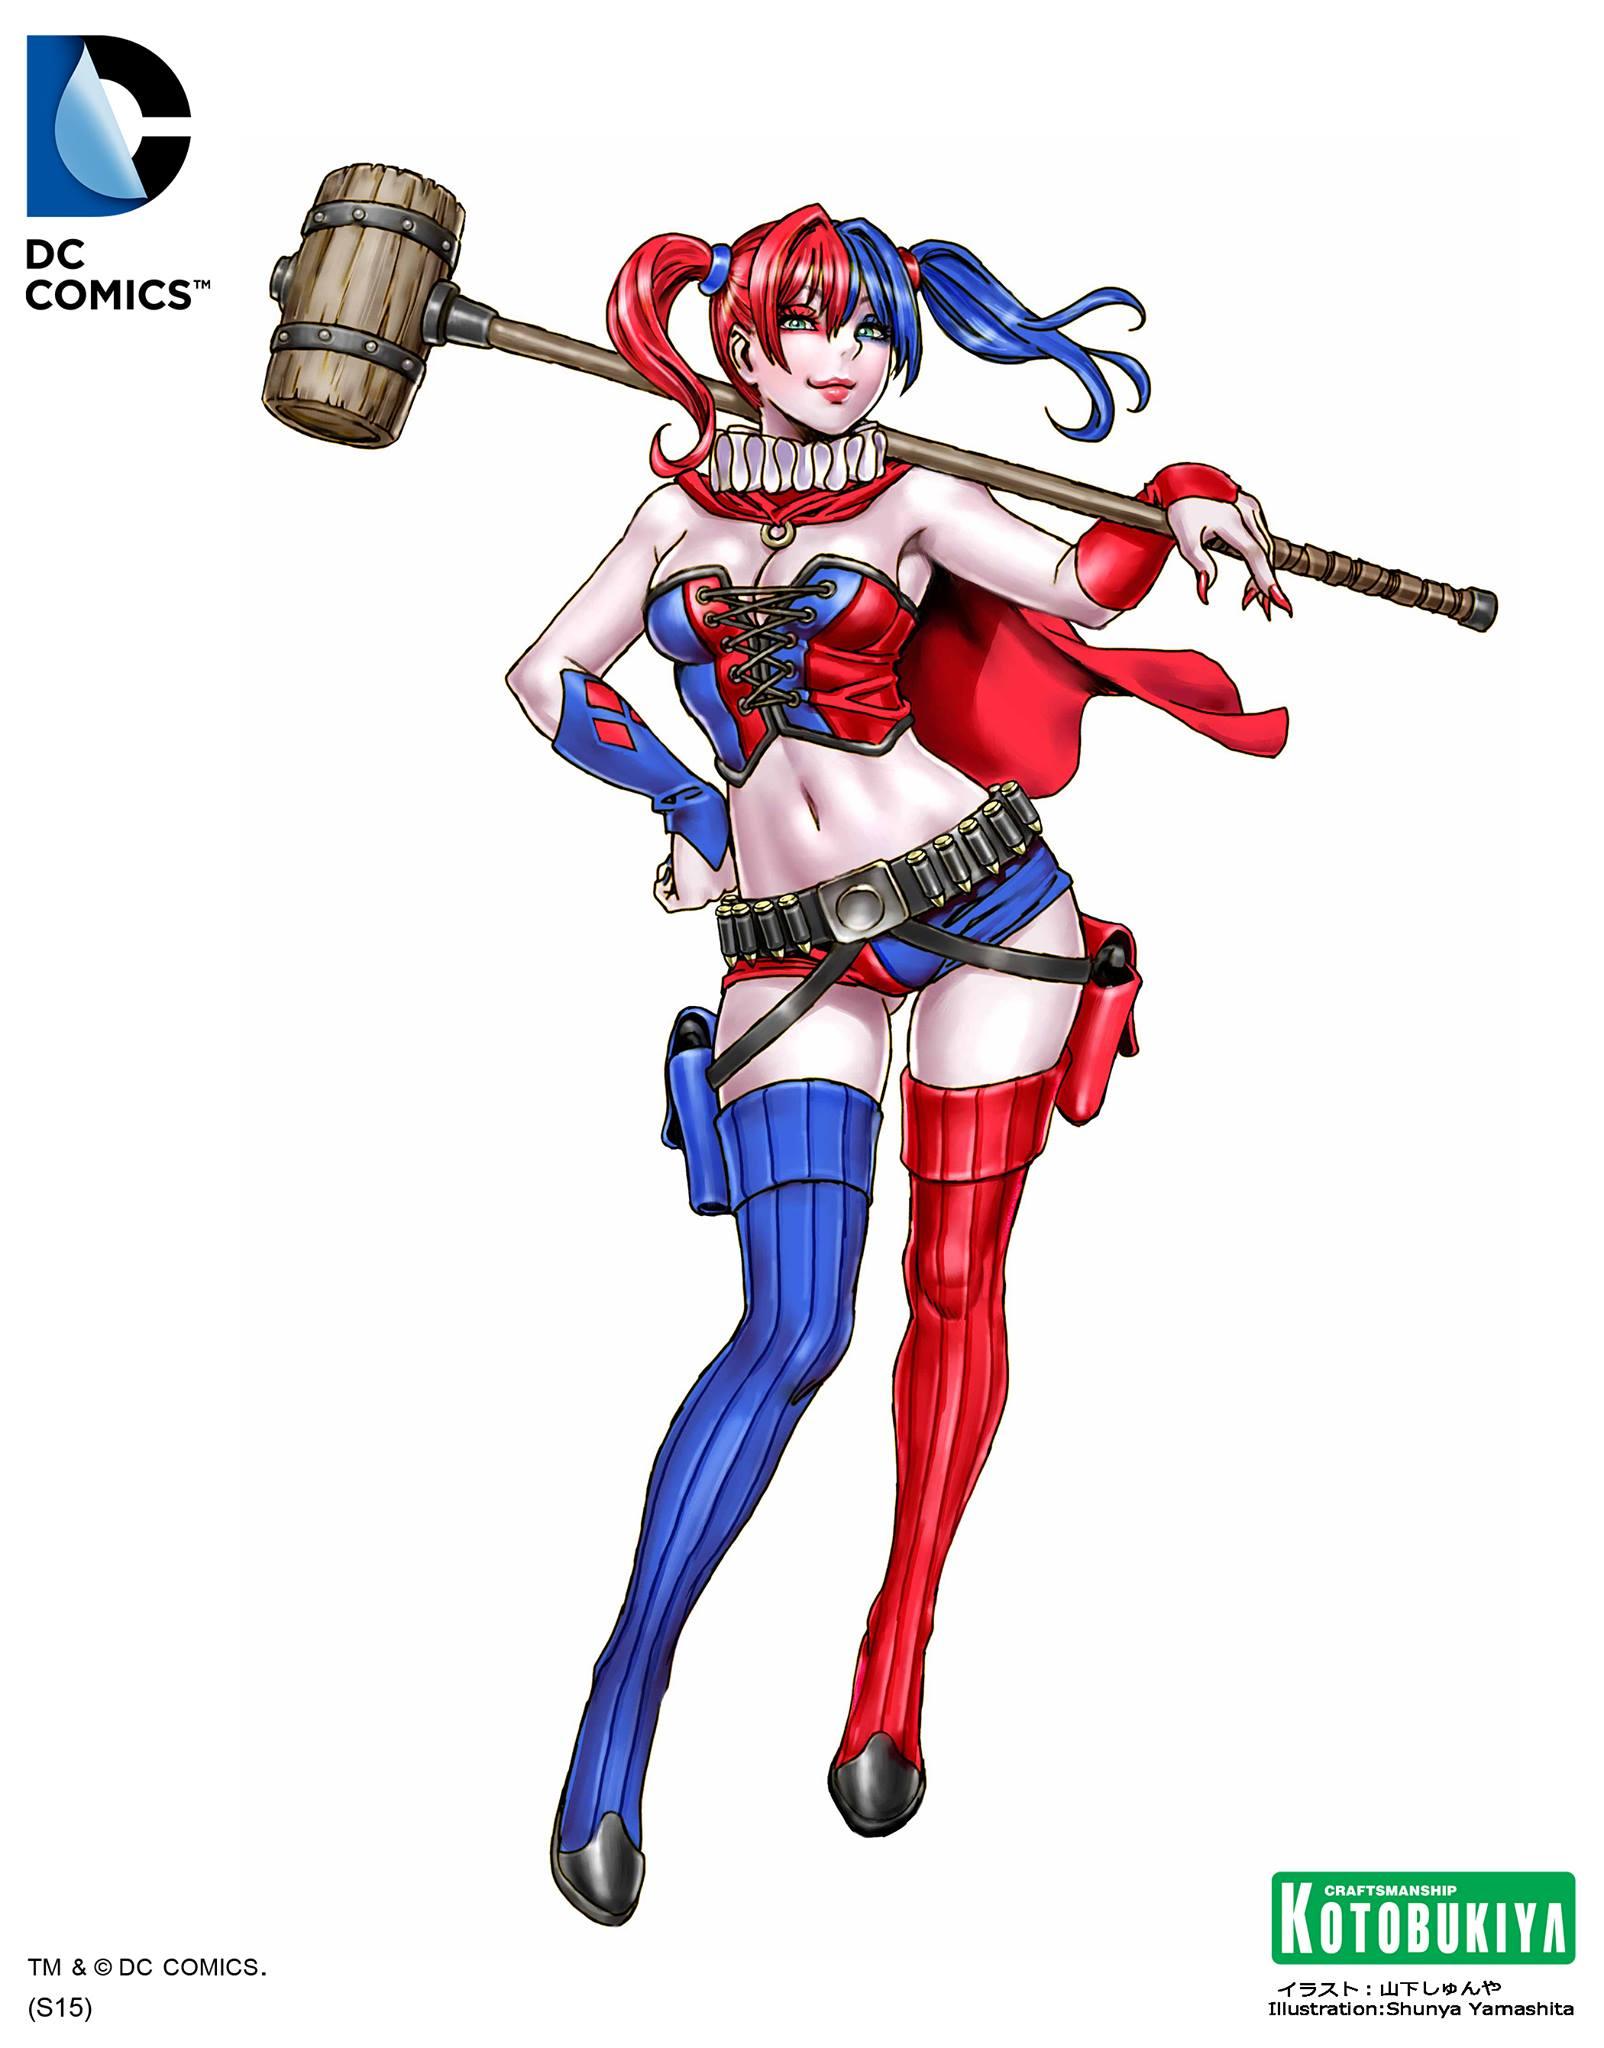 BISHOUJO DC COMICS HARLEY QUINN STATUE NEW 52 VERSION Action- & Spielfiguren